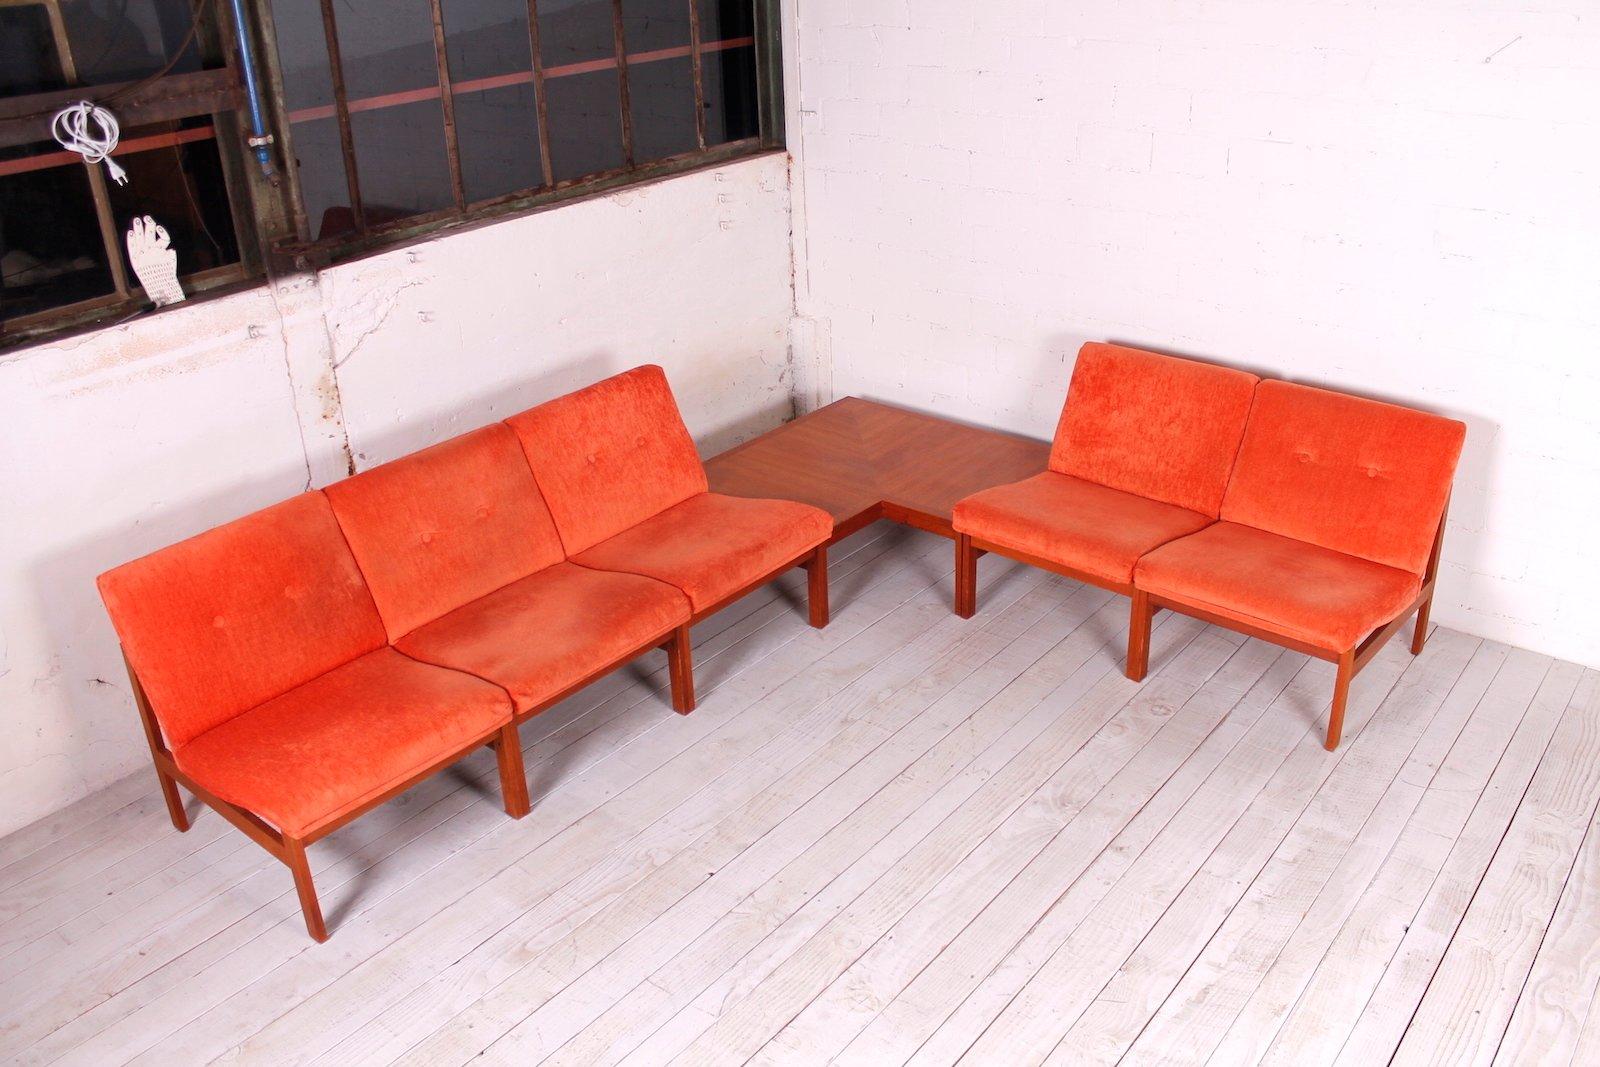 modular sofa by ole gjerl v knudsen torben lind for france s n 1960s for sale at pamono. Black Bedroom Furniture Sets. Home Design Ideas